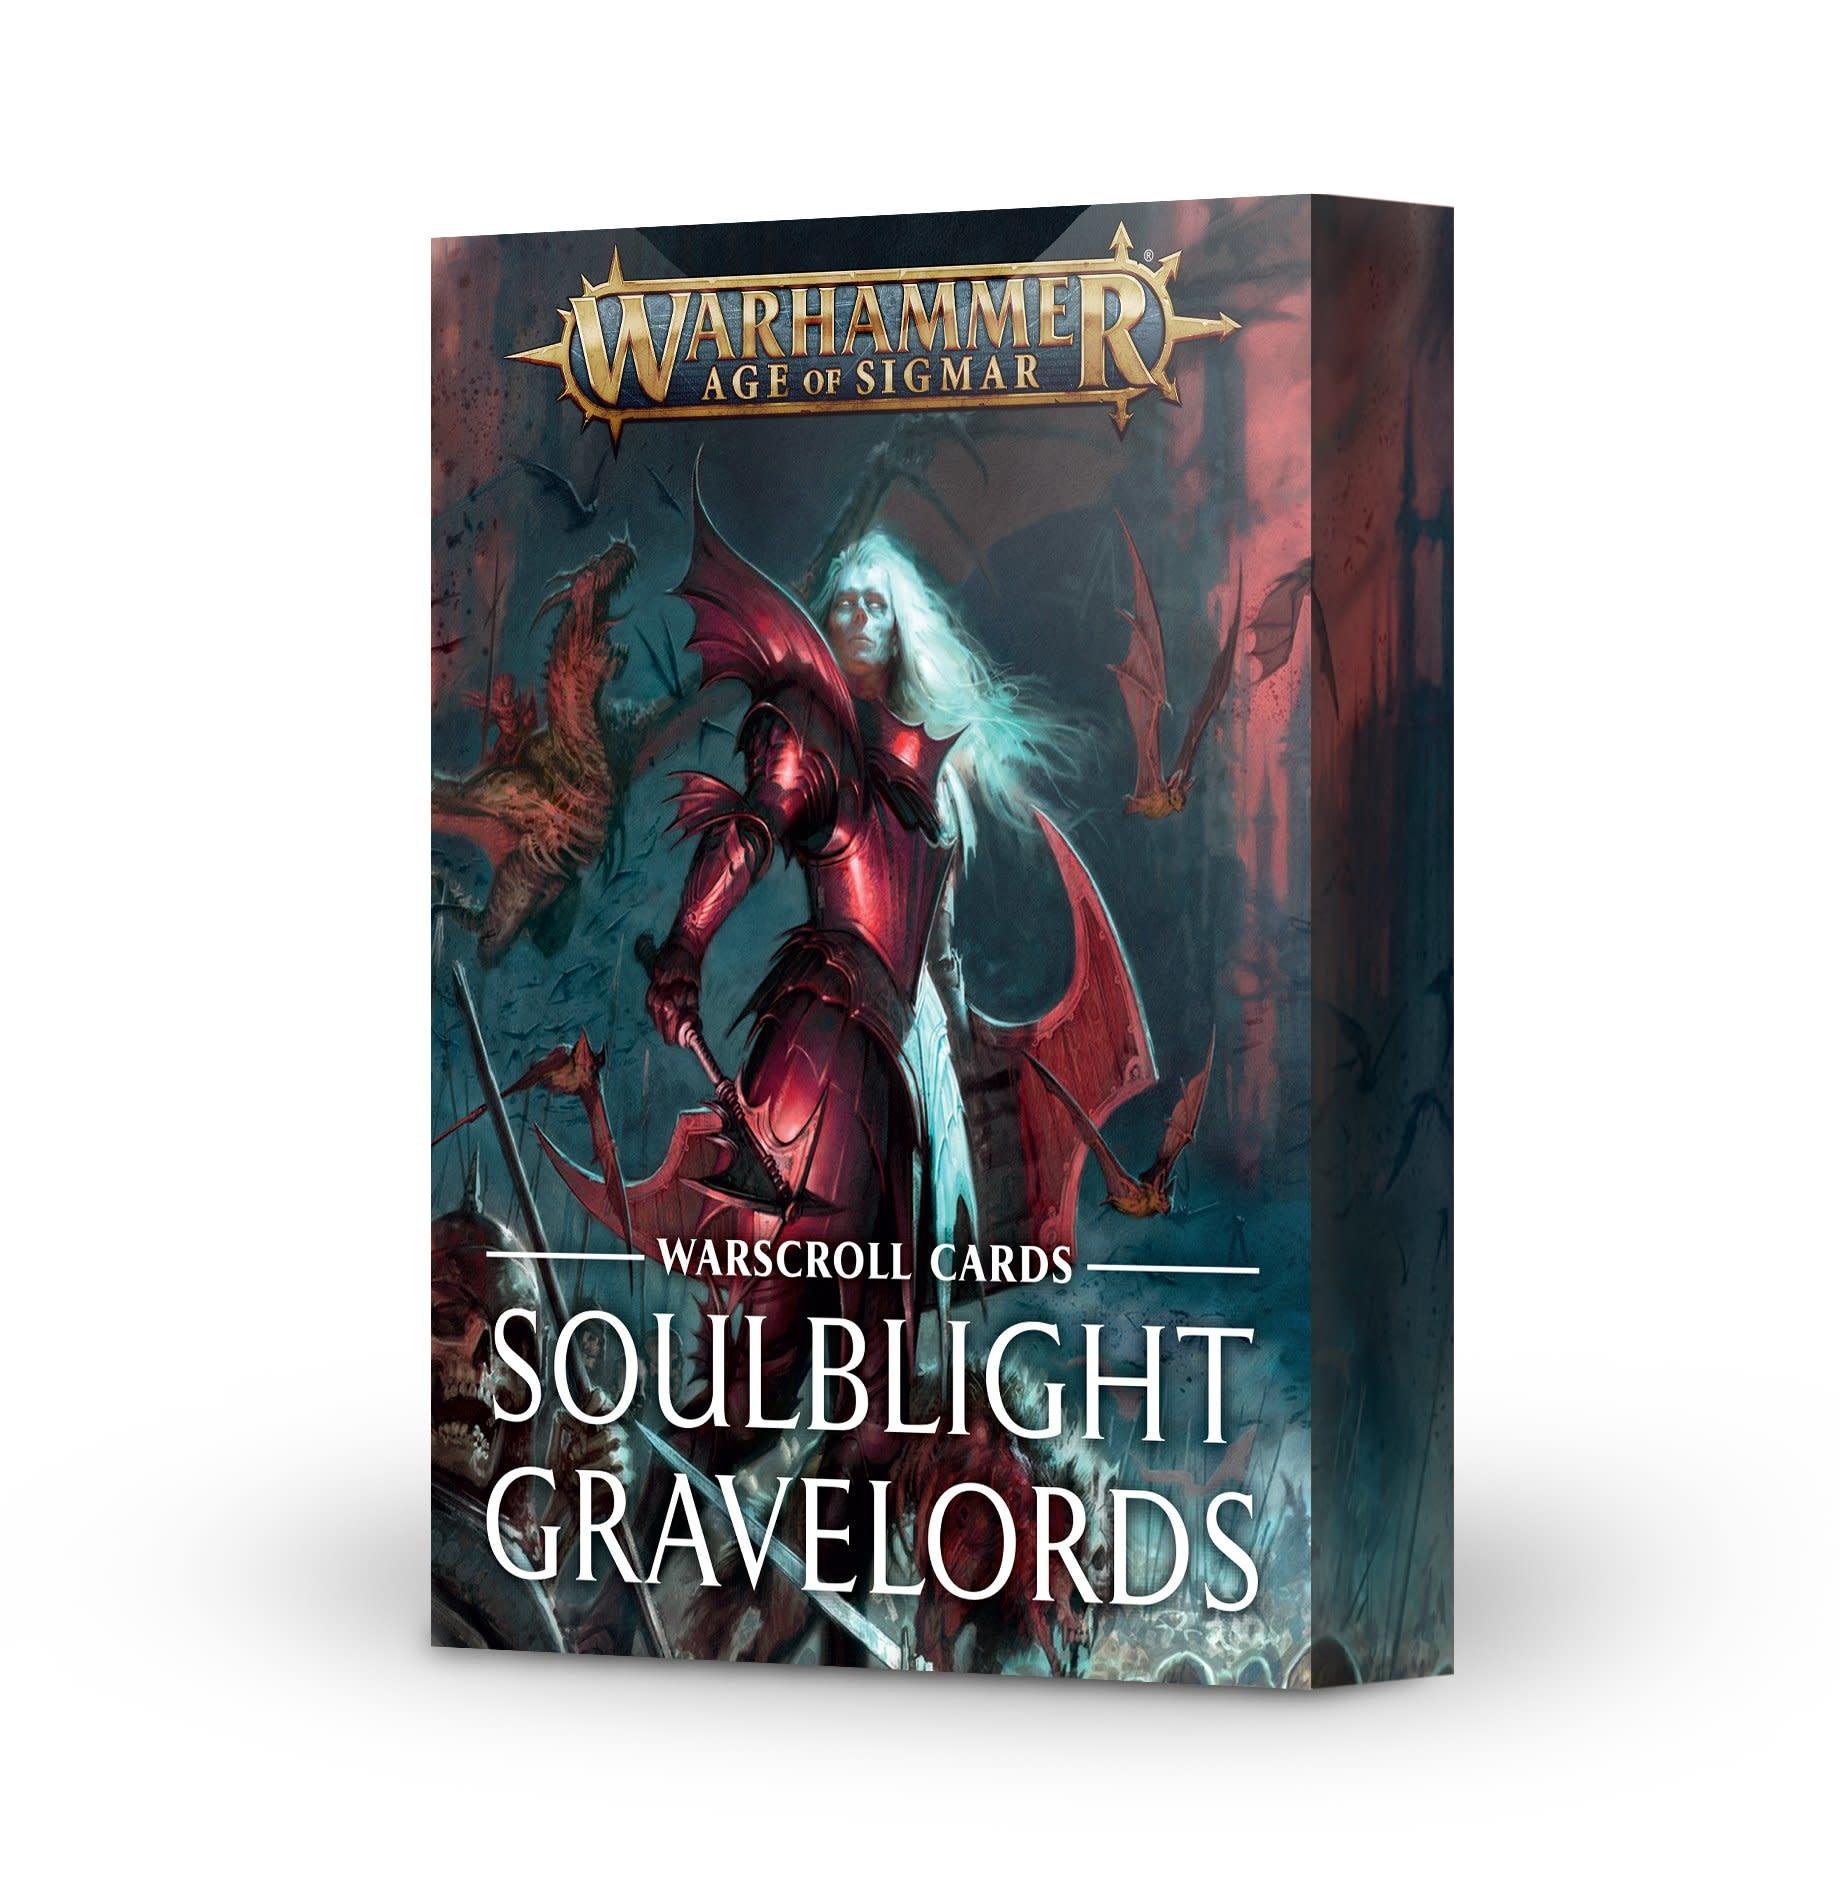 Games-Workshop Soulblight Gravelords Warscroll Cards